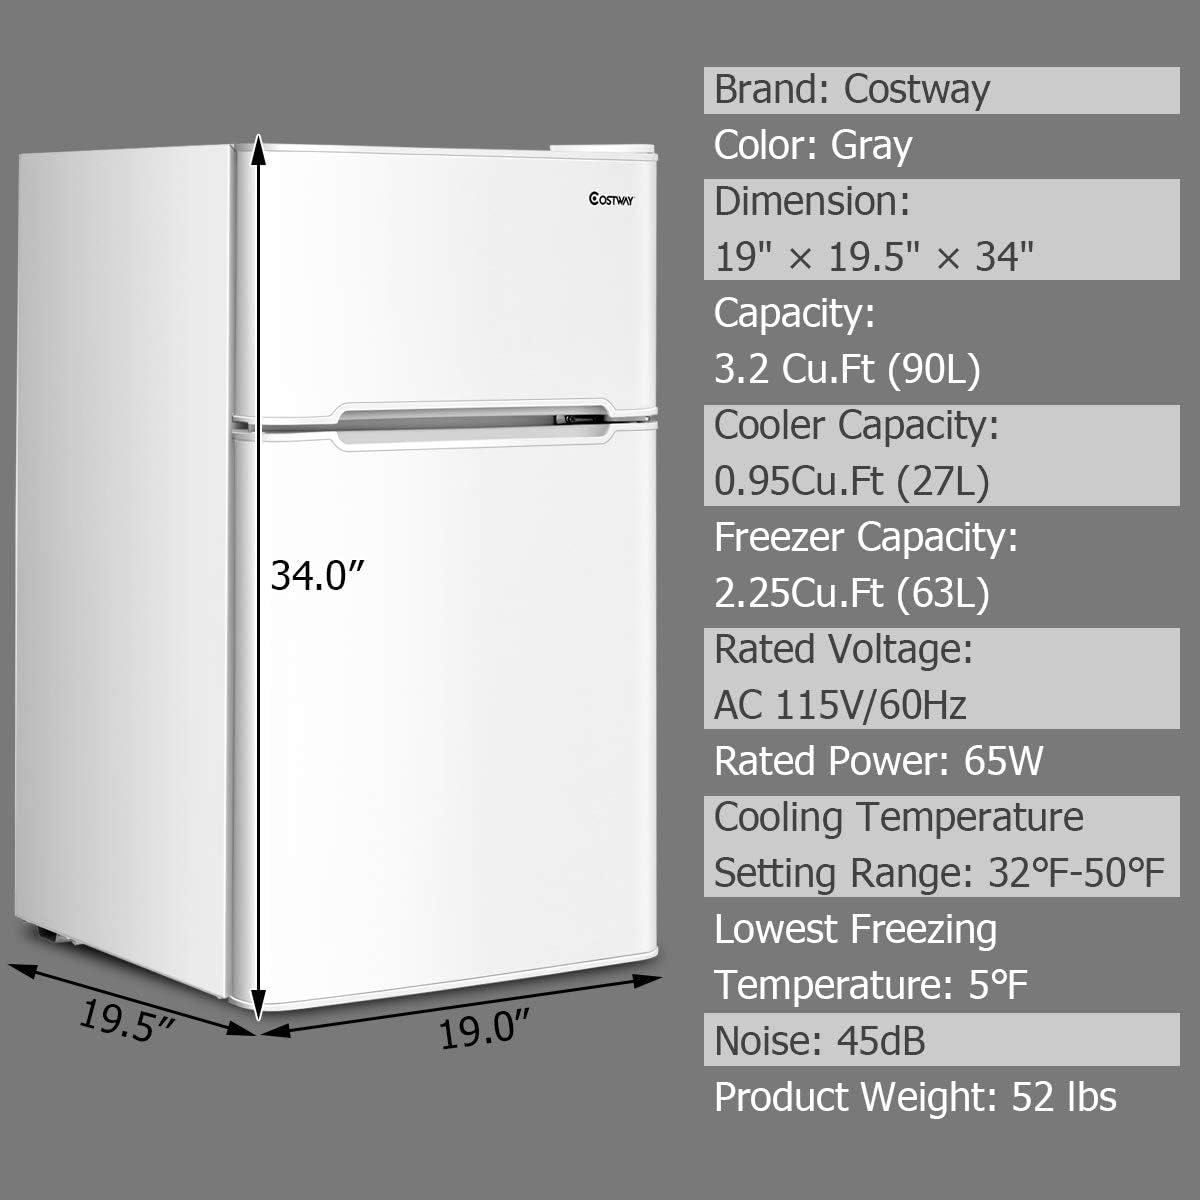 4- COSTWAY Compact Refrigerator.